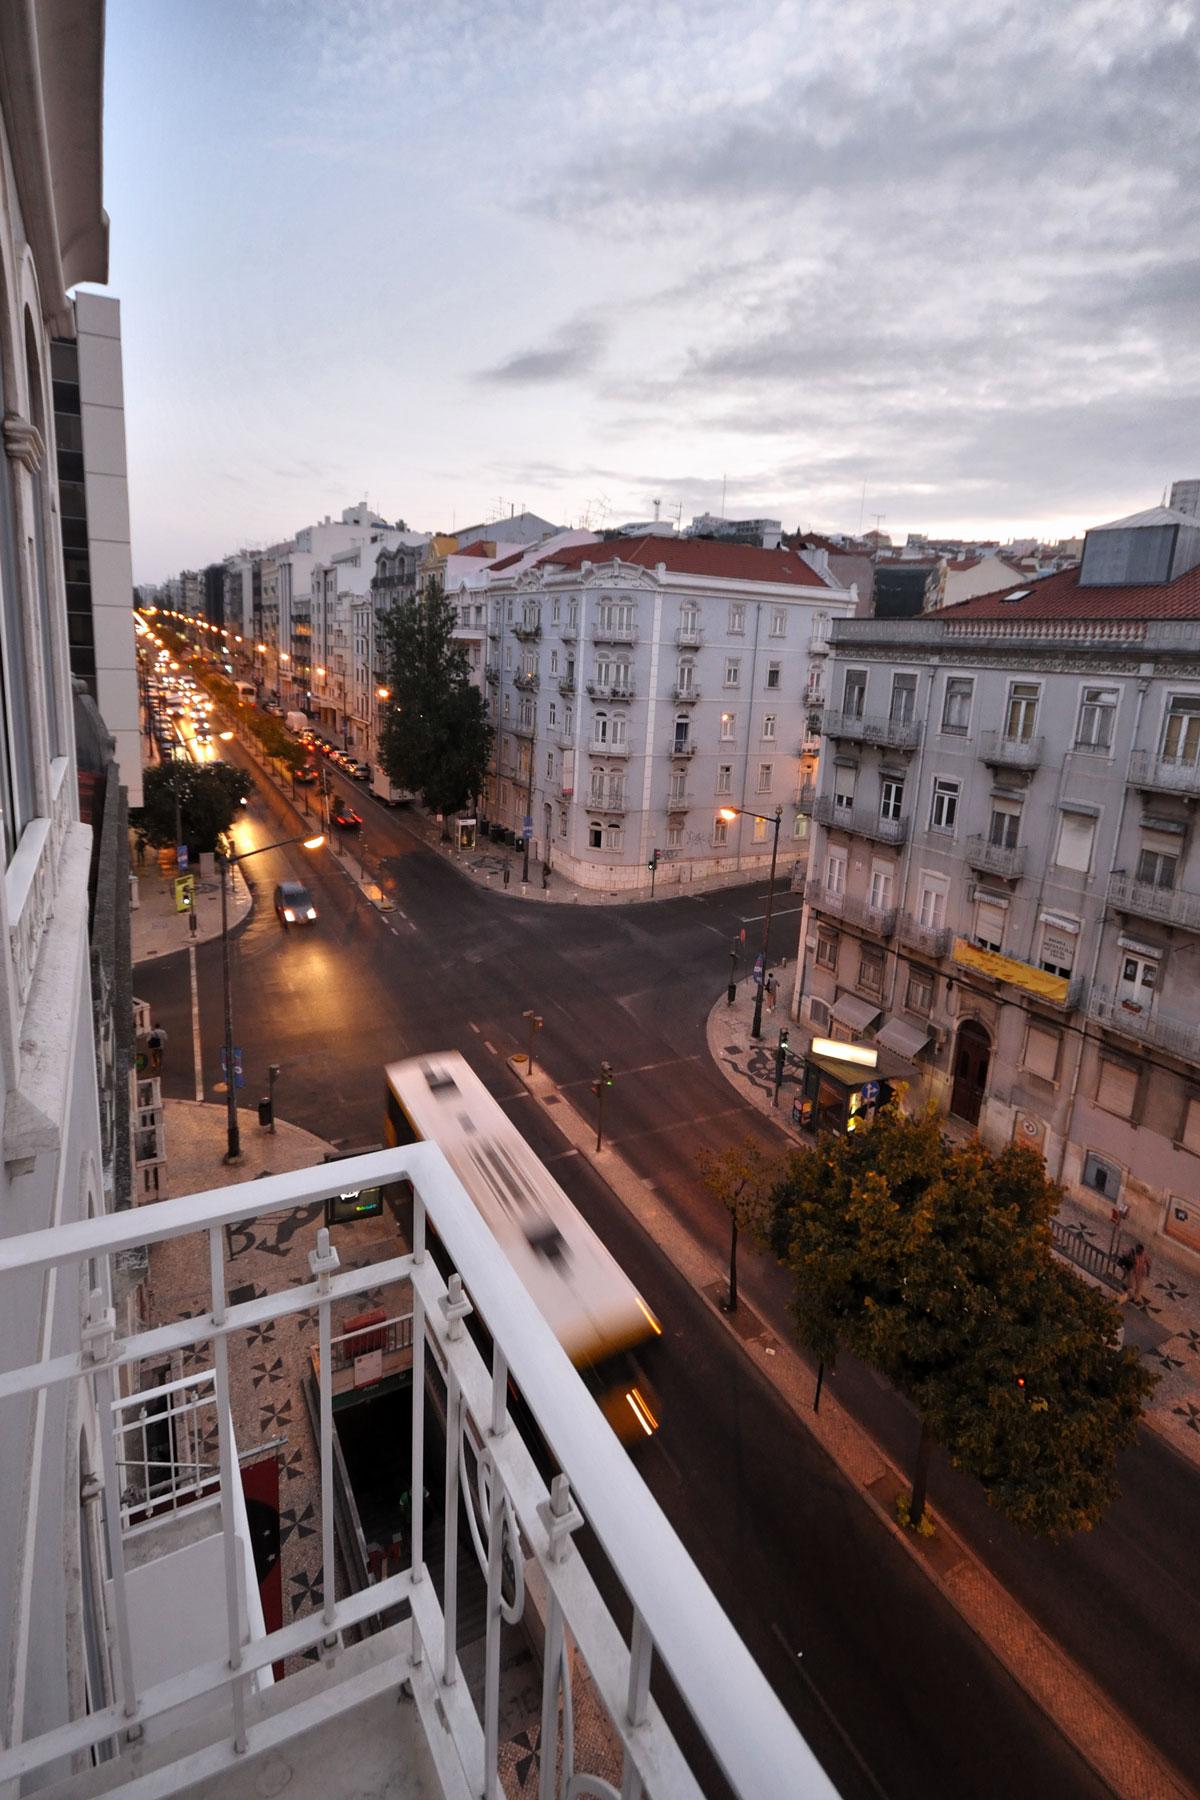 「ホテルセテコリナーシュ」の客室から眺める朝のリスボンの街 撮影:NIKON D90, SIGMA 10-20mm